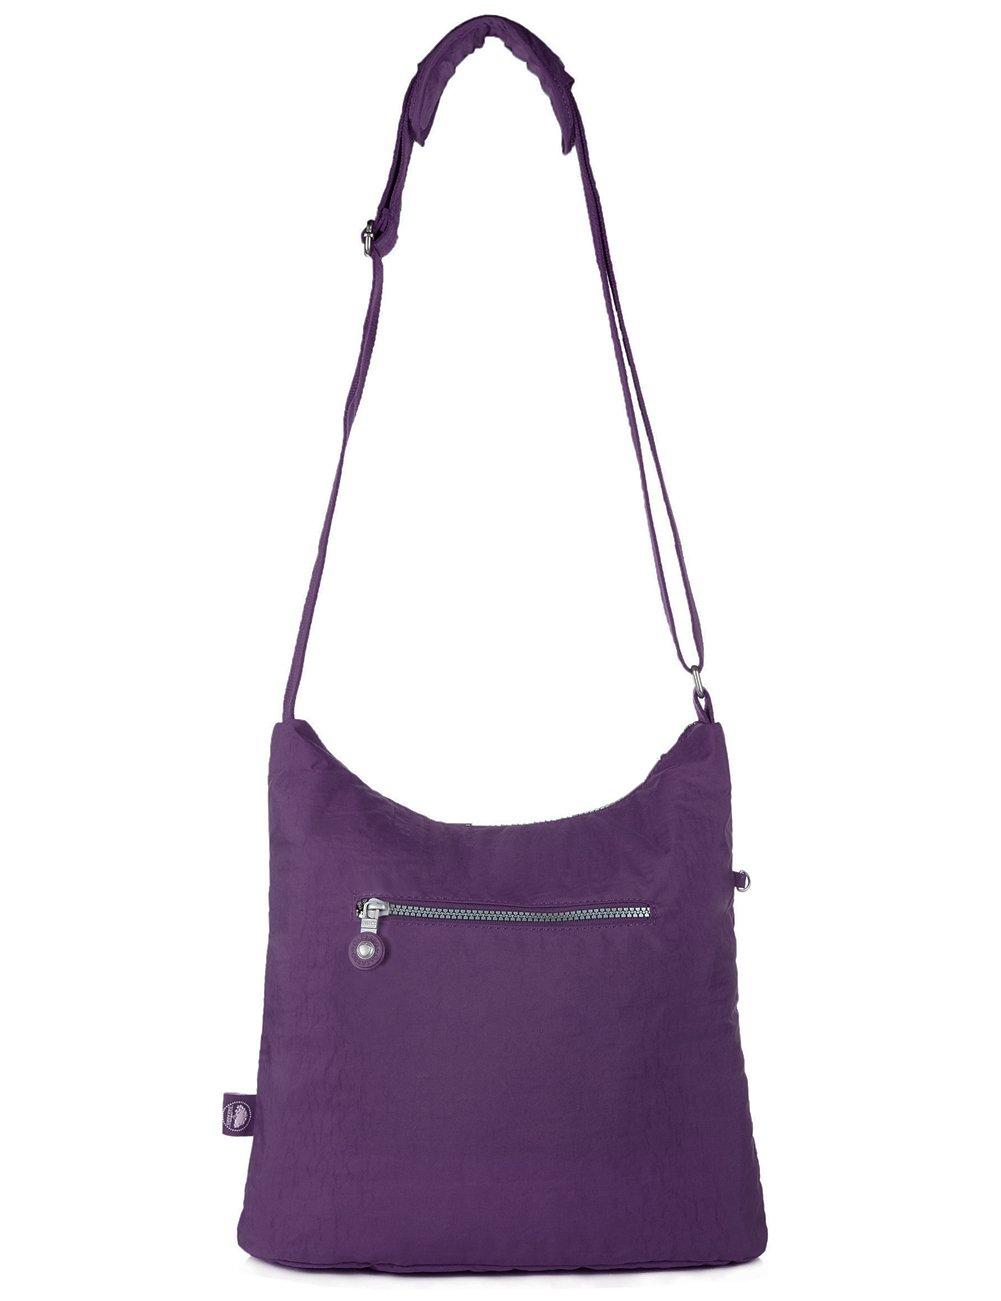 1203 Army Green//Medium Oakarbo Crossbody Bag Multi-Pocket Shoulder Bag